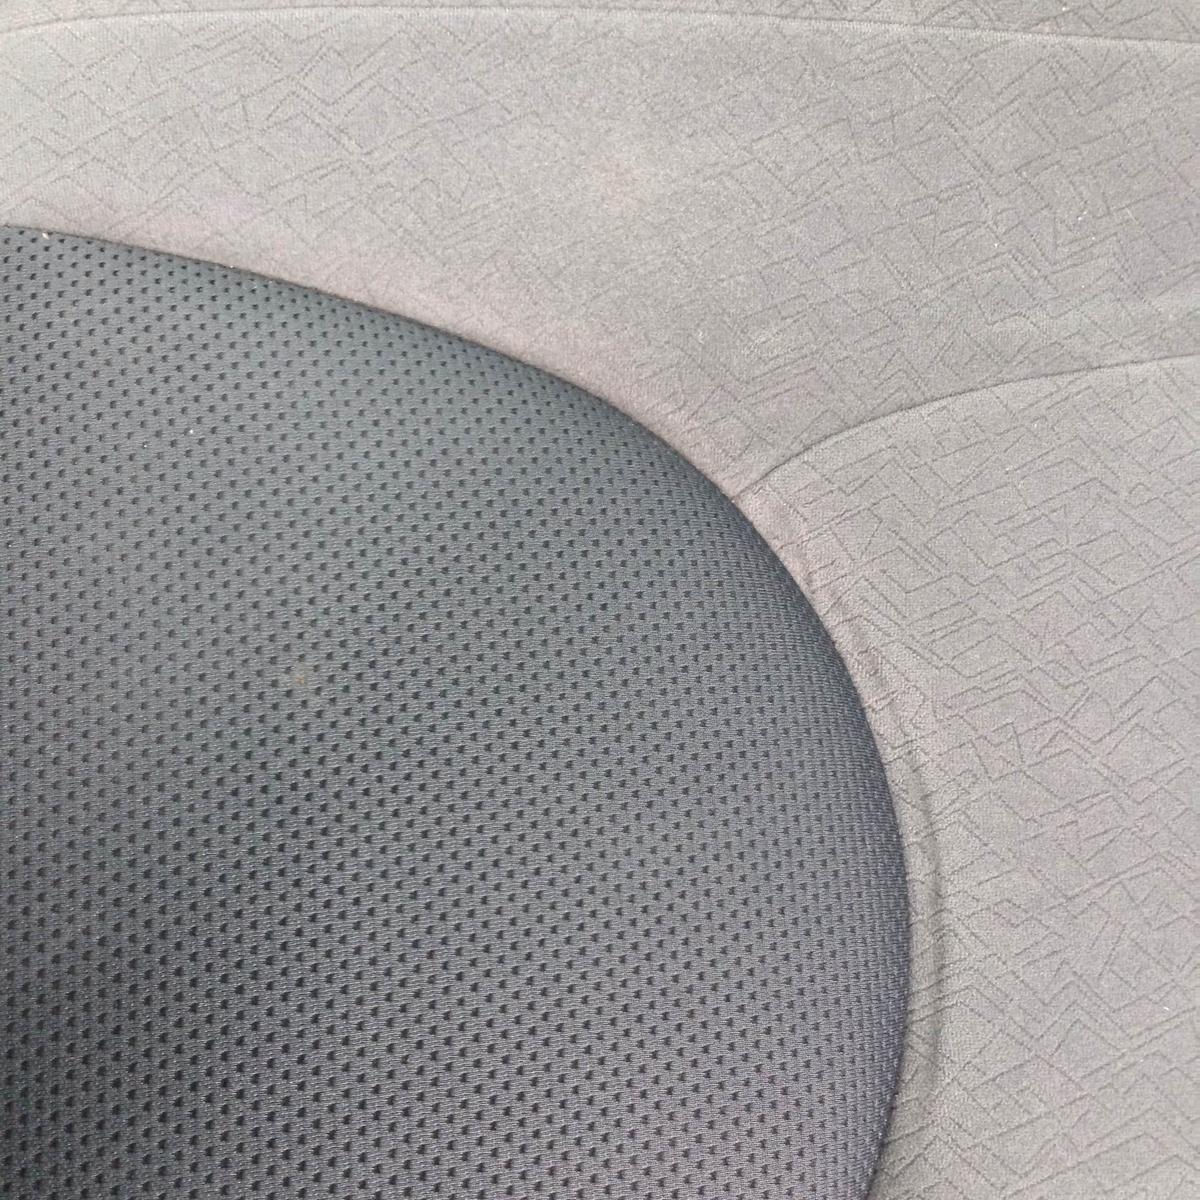 ホンダ/フィット モケットシートのタバコ焦げ穴補修1